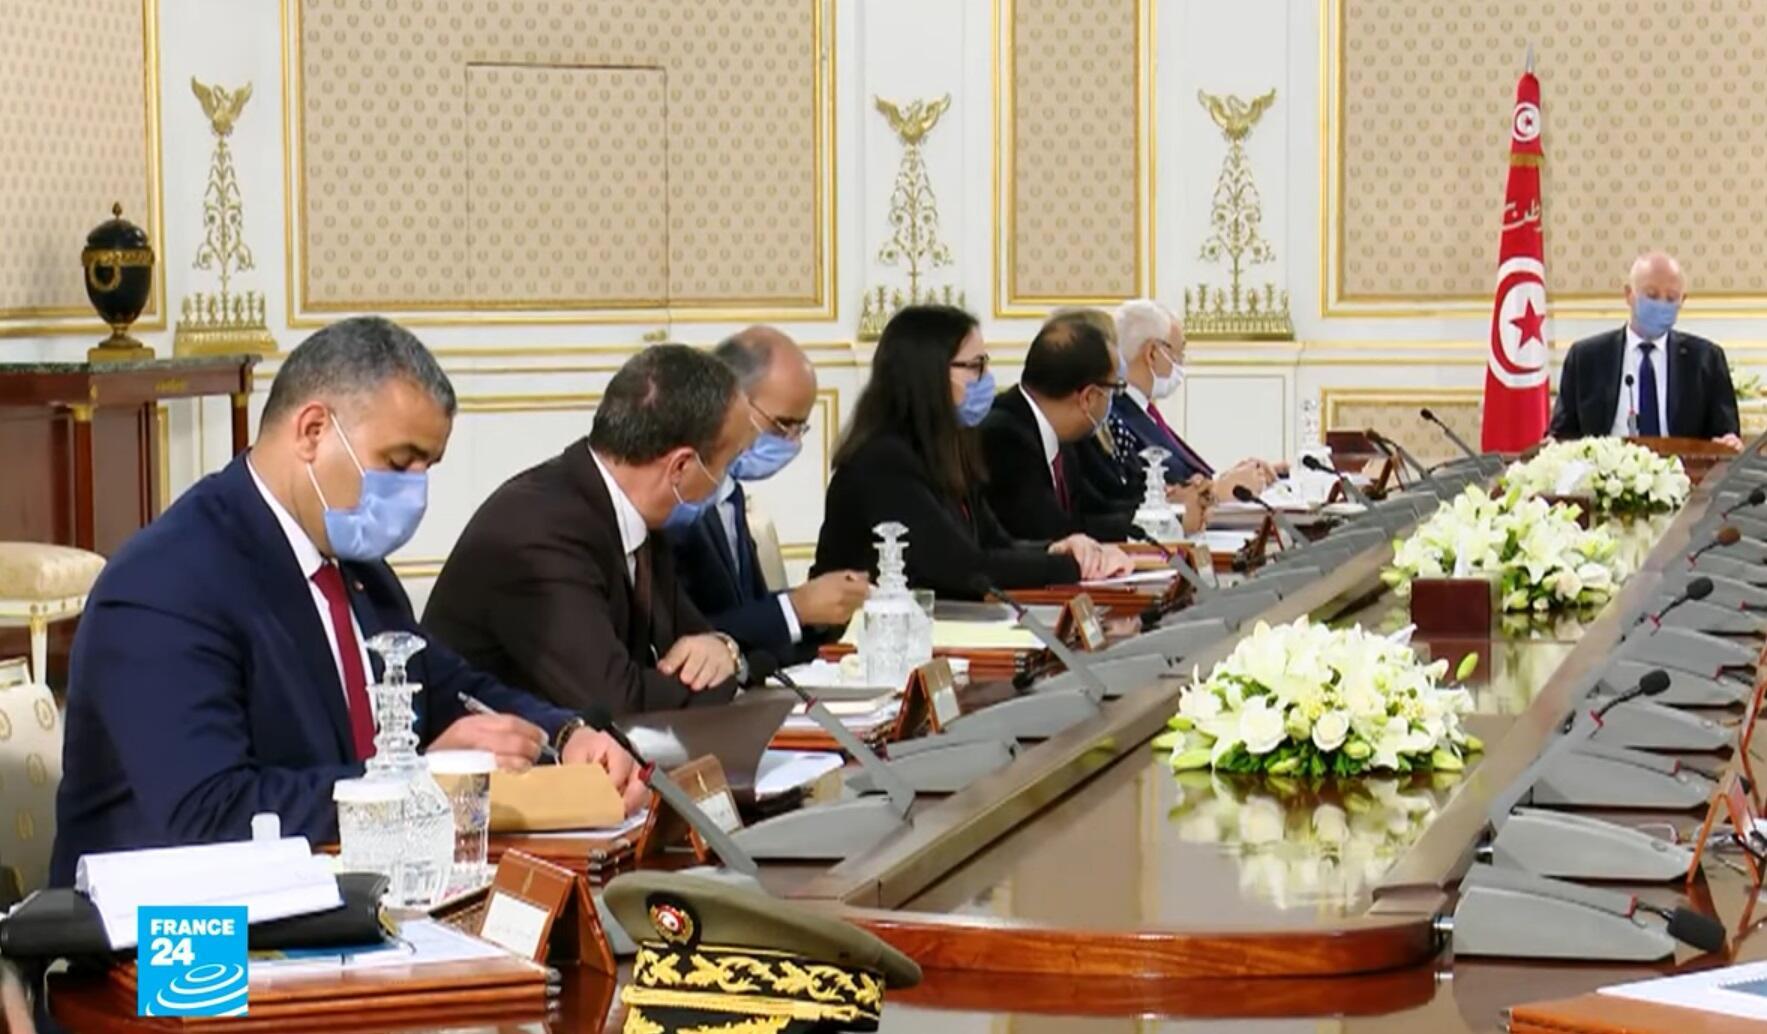 الرئيس التونسي قيس سعيّد خلال اجتماع وزاري بشأن فيروس كورونا